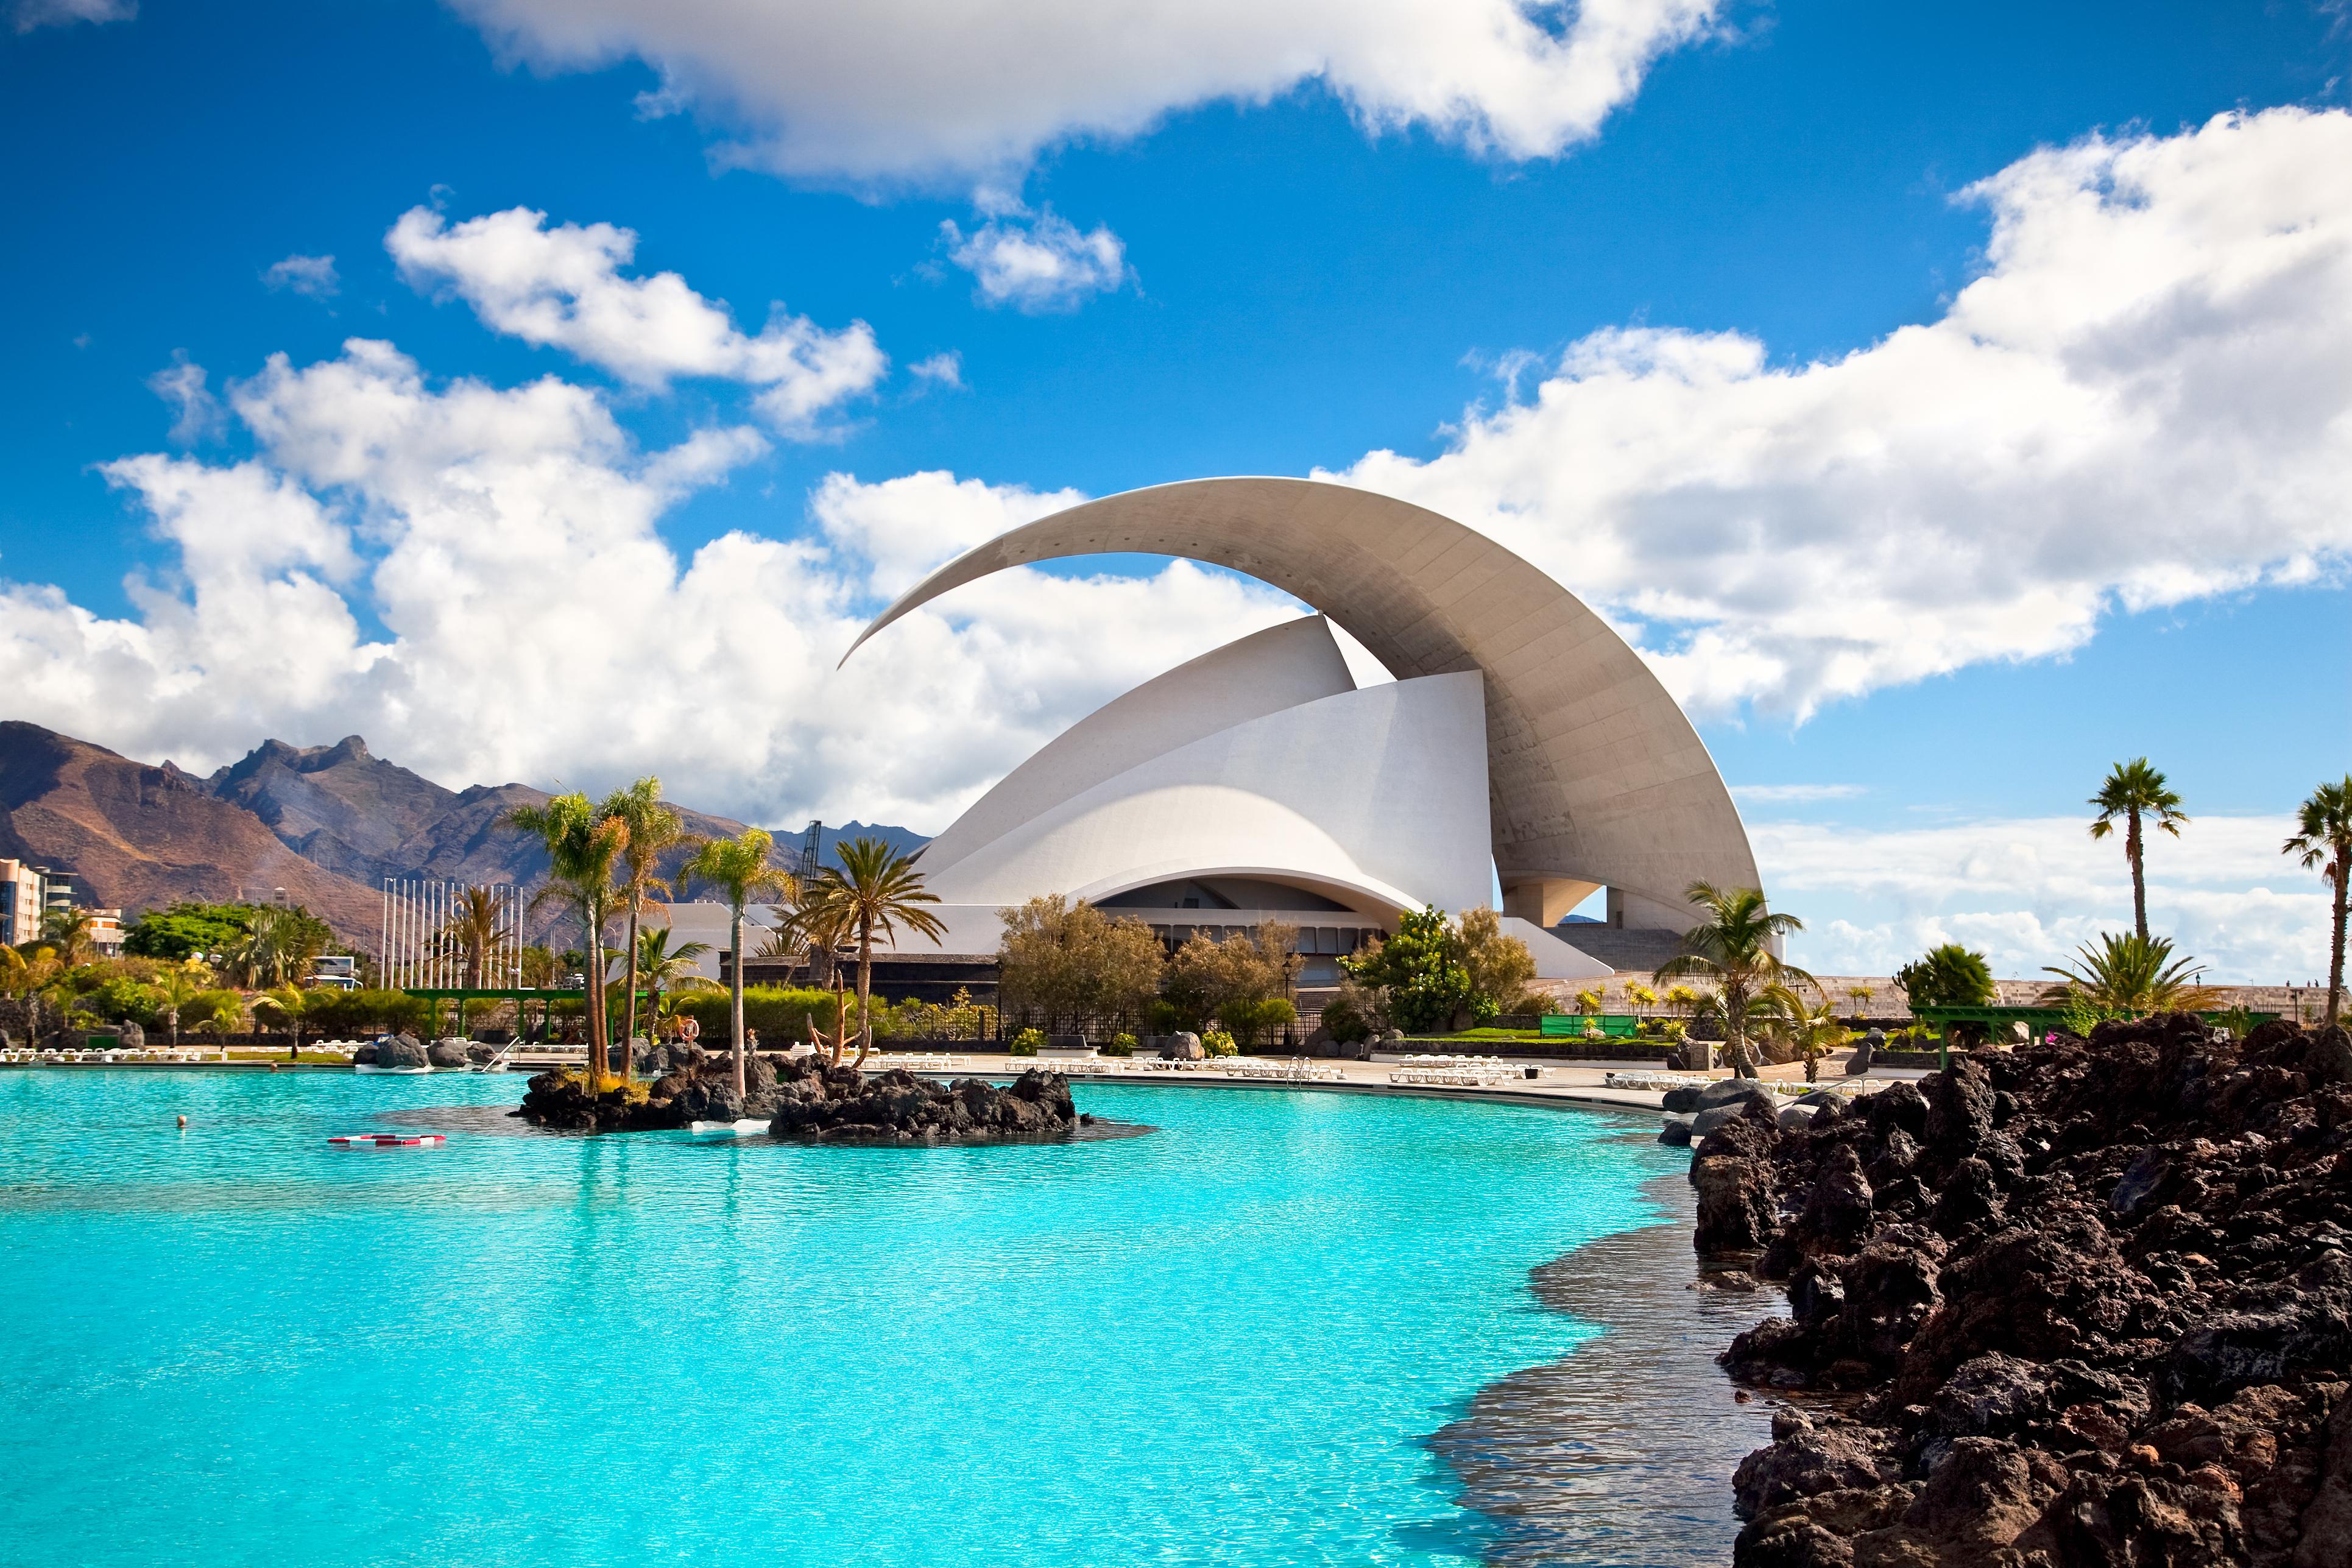 Auditorio de Tenerife, símbolo de arquitectura de las islas.